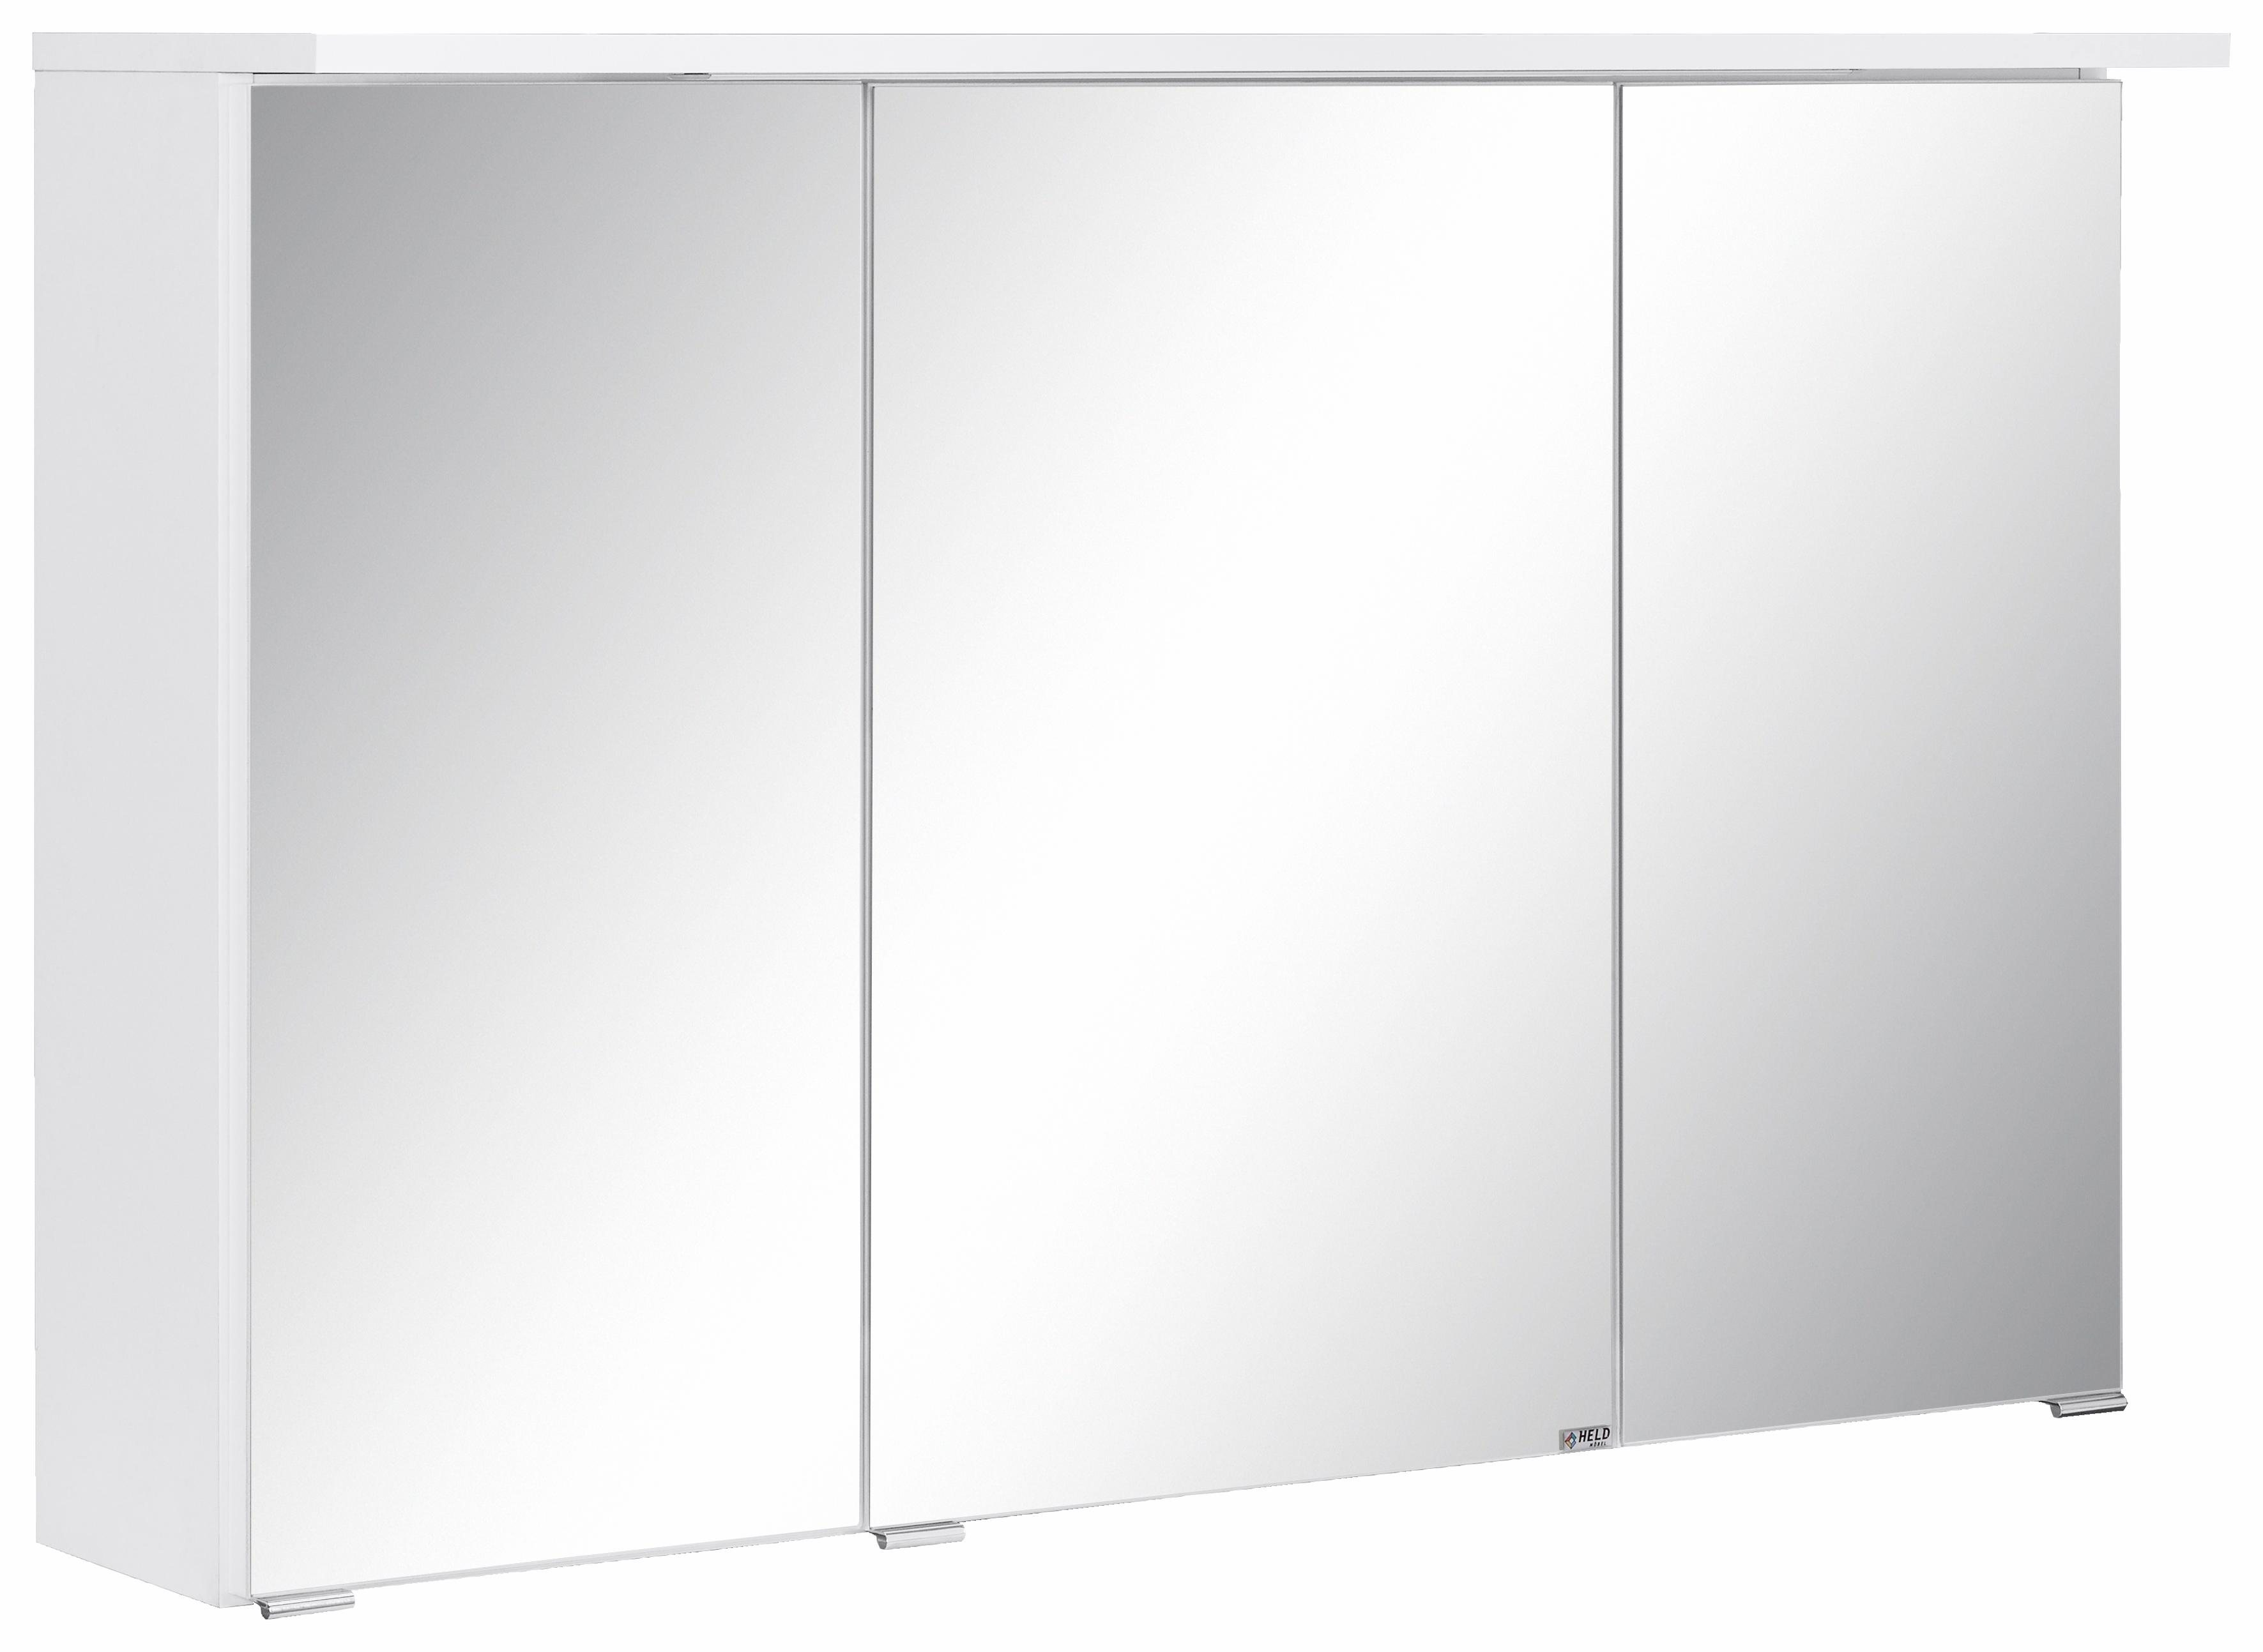 Spiegelschrank -Leuchte Preisvergleich • Die besten Angebote online ...